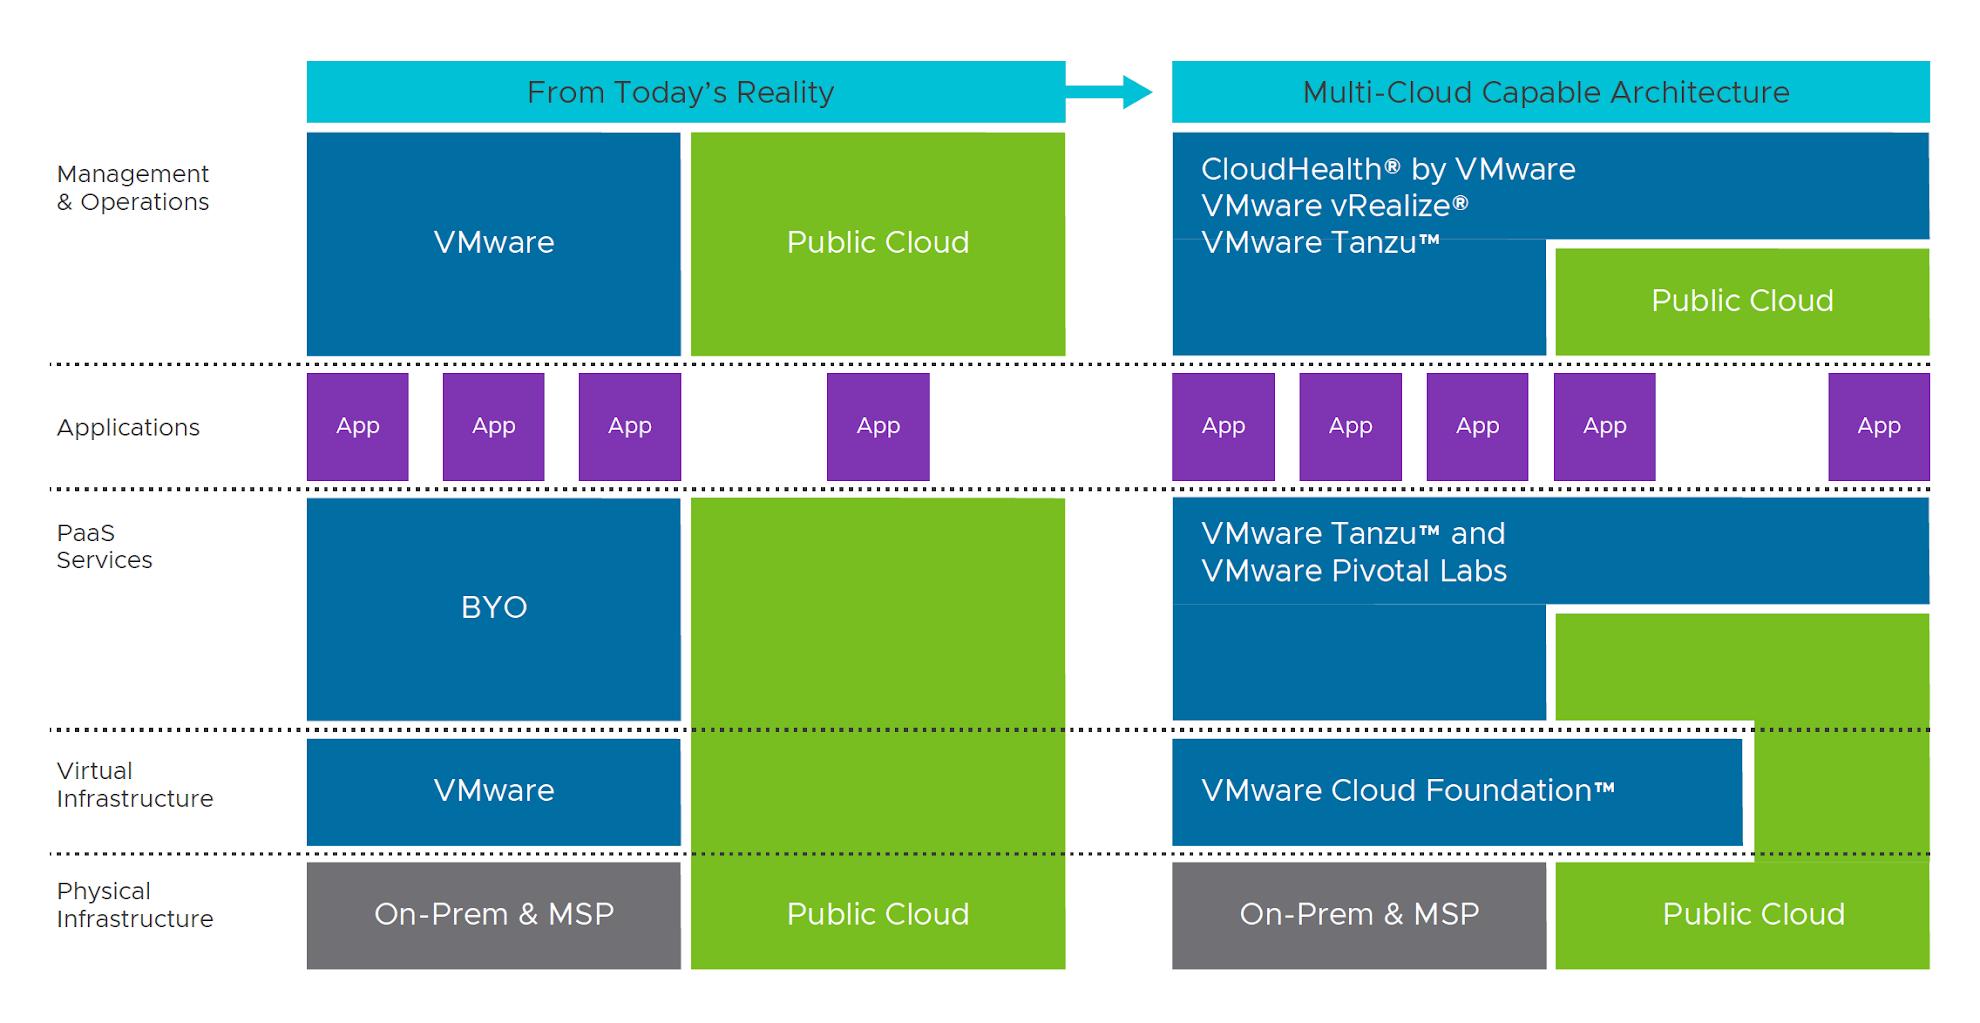 VMware's unique architecture for multi-cloud use